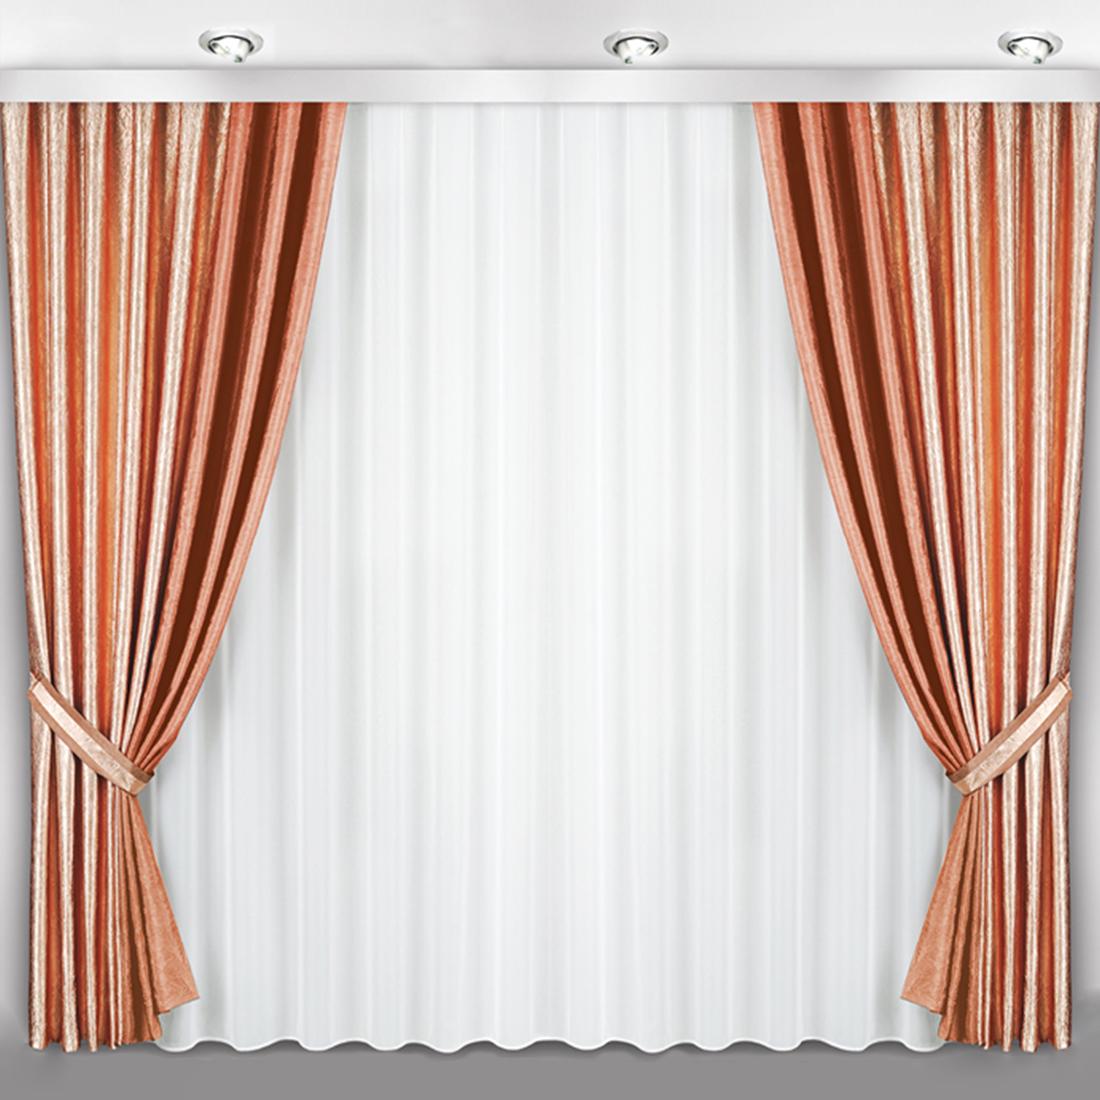 Шторы Велес Классические шторы Стефани Цвет: Персиковый шторы kauffort классические шторы barolo